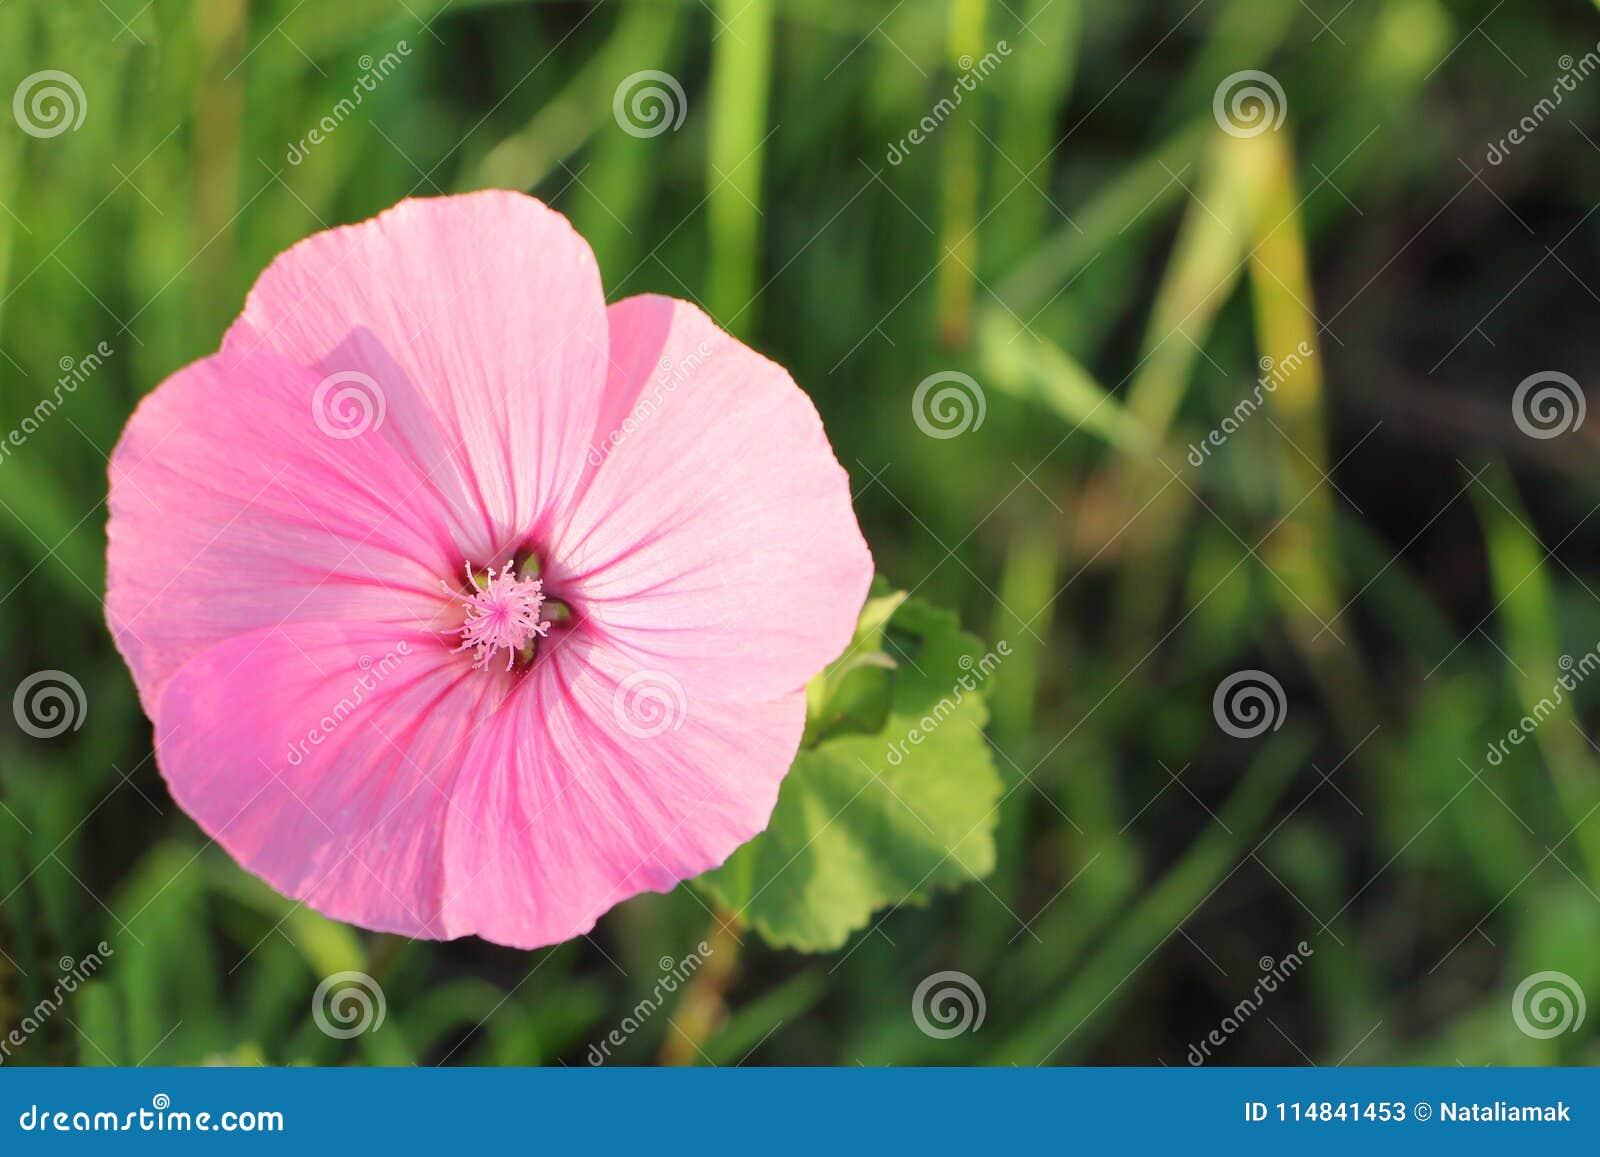 Vistoso Flores Fotos Del Arte Del Uña Adorno - Ideas de Pintar de ...